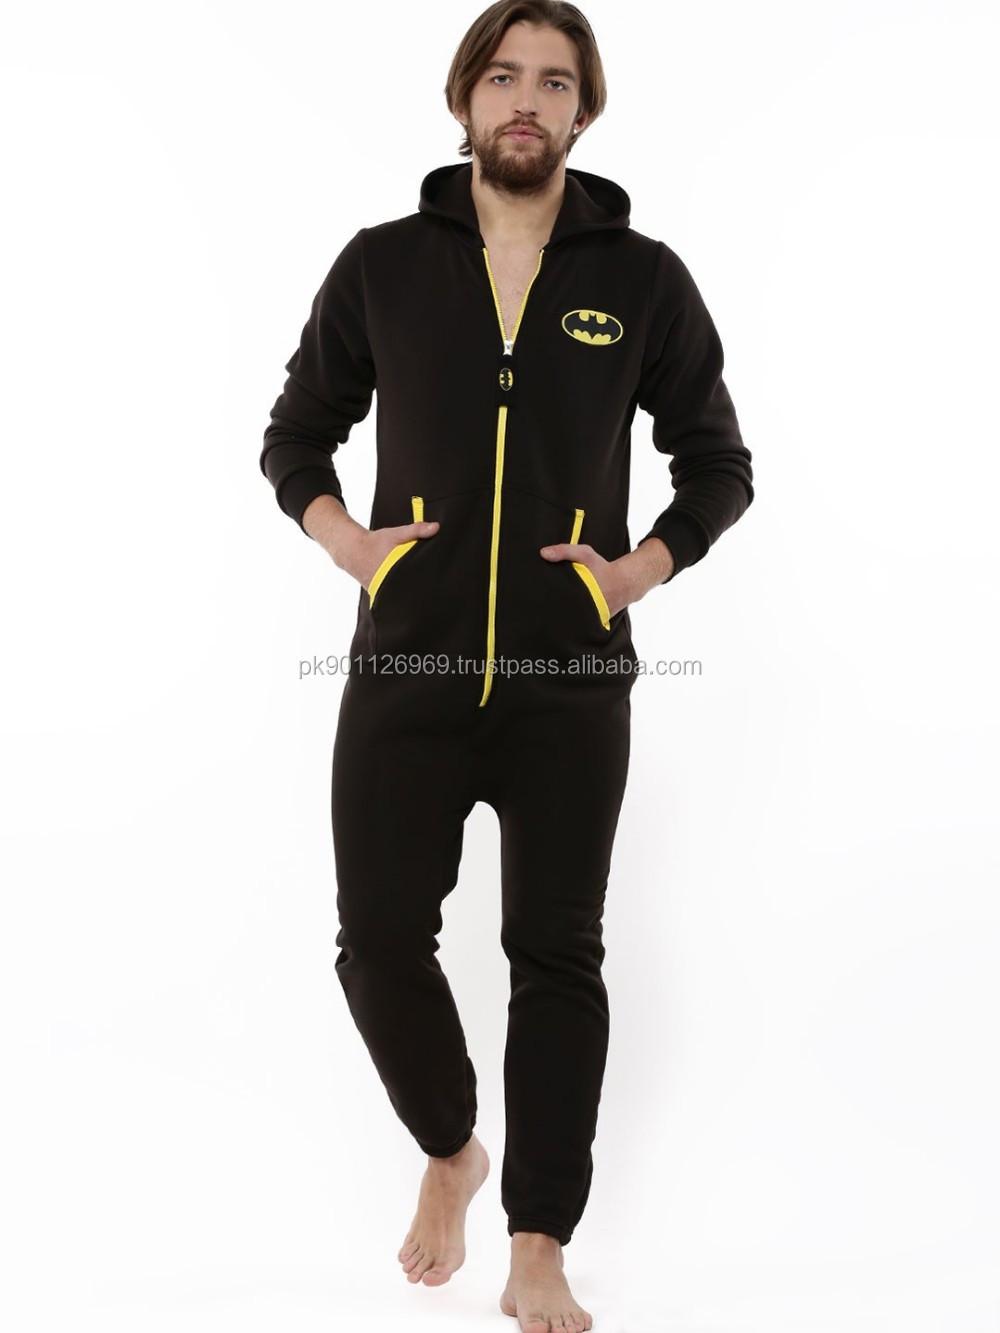 402f8f112bed Cotton Fleece Jumpsuit For Men